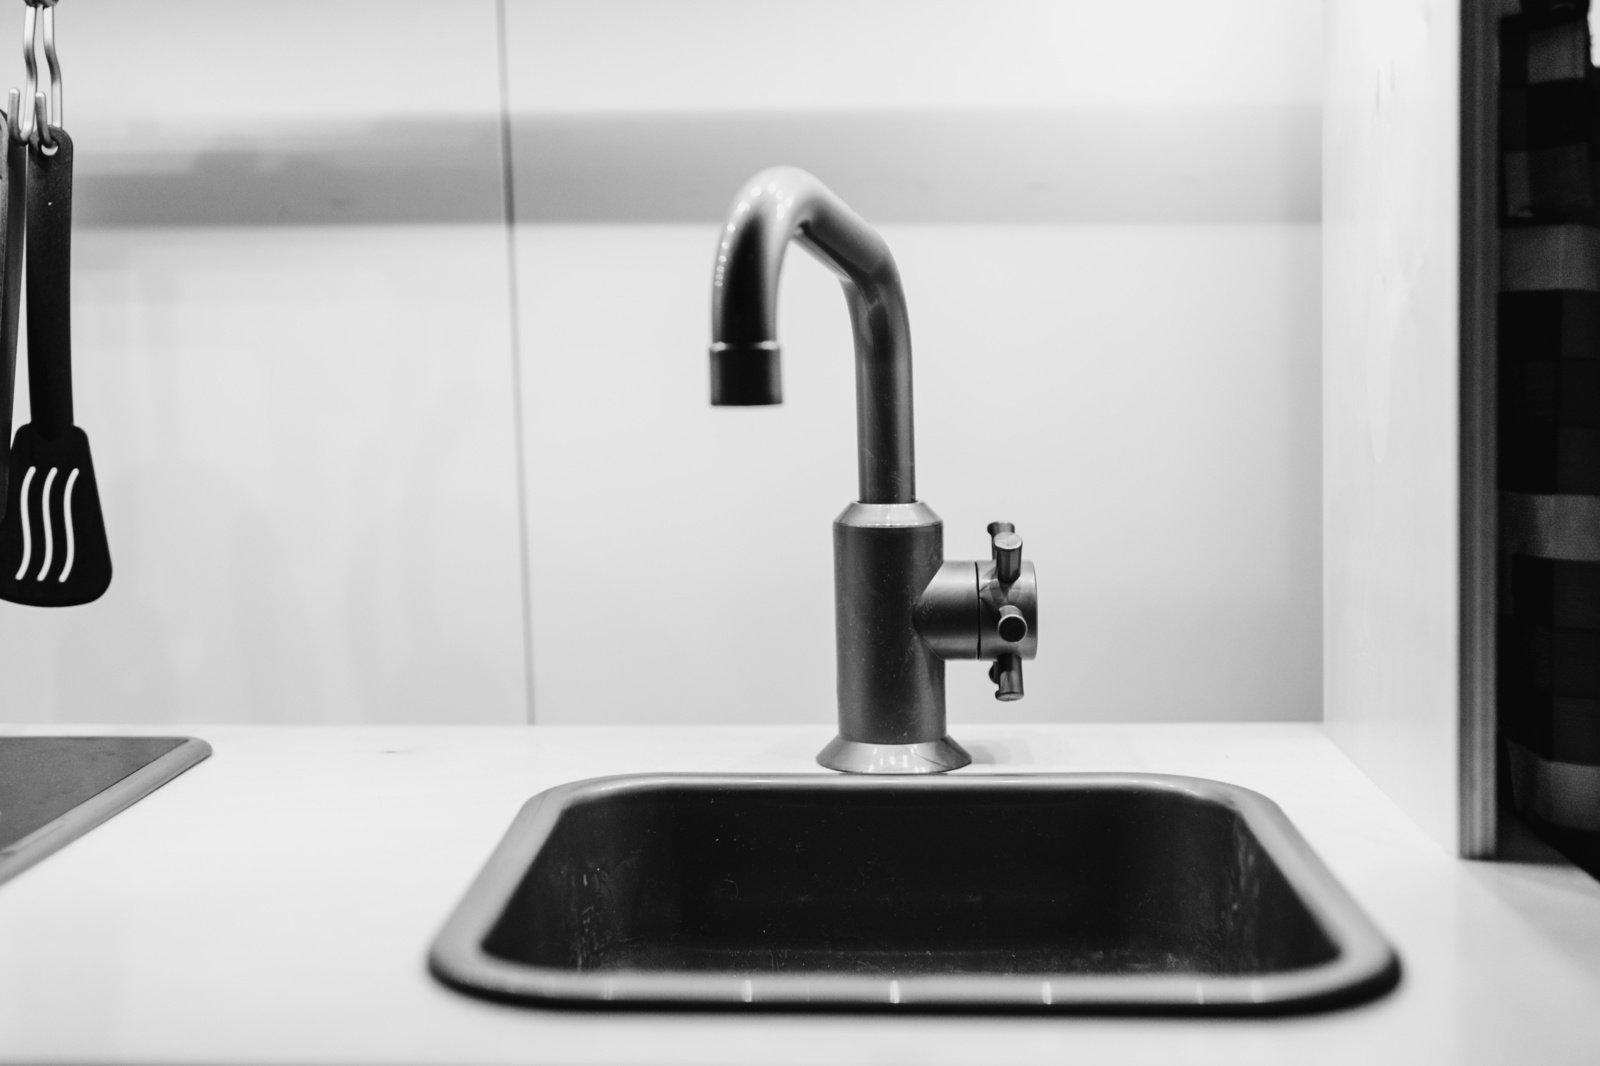 5 patarimai, kaip atkimšti užsikimšusią kriauklę, jei neturite santechninės pompos